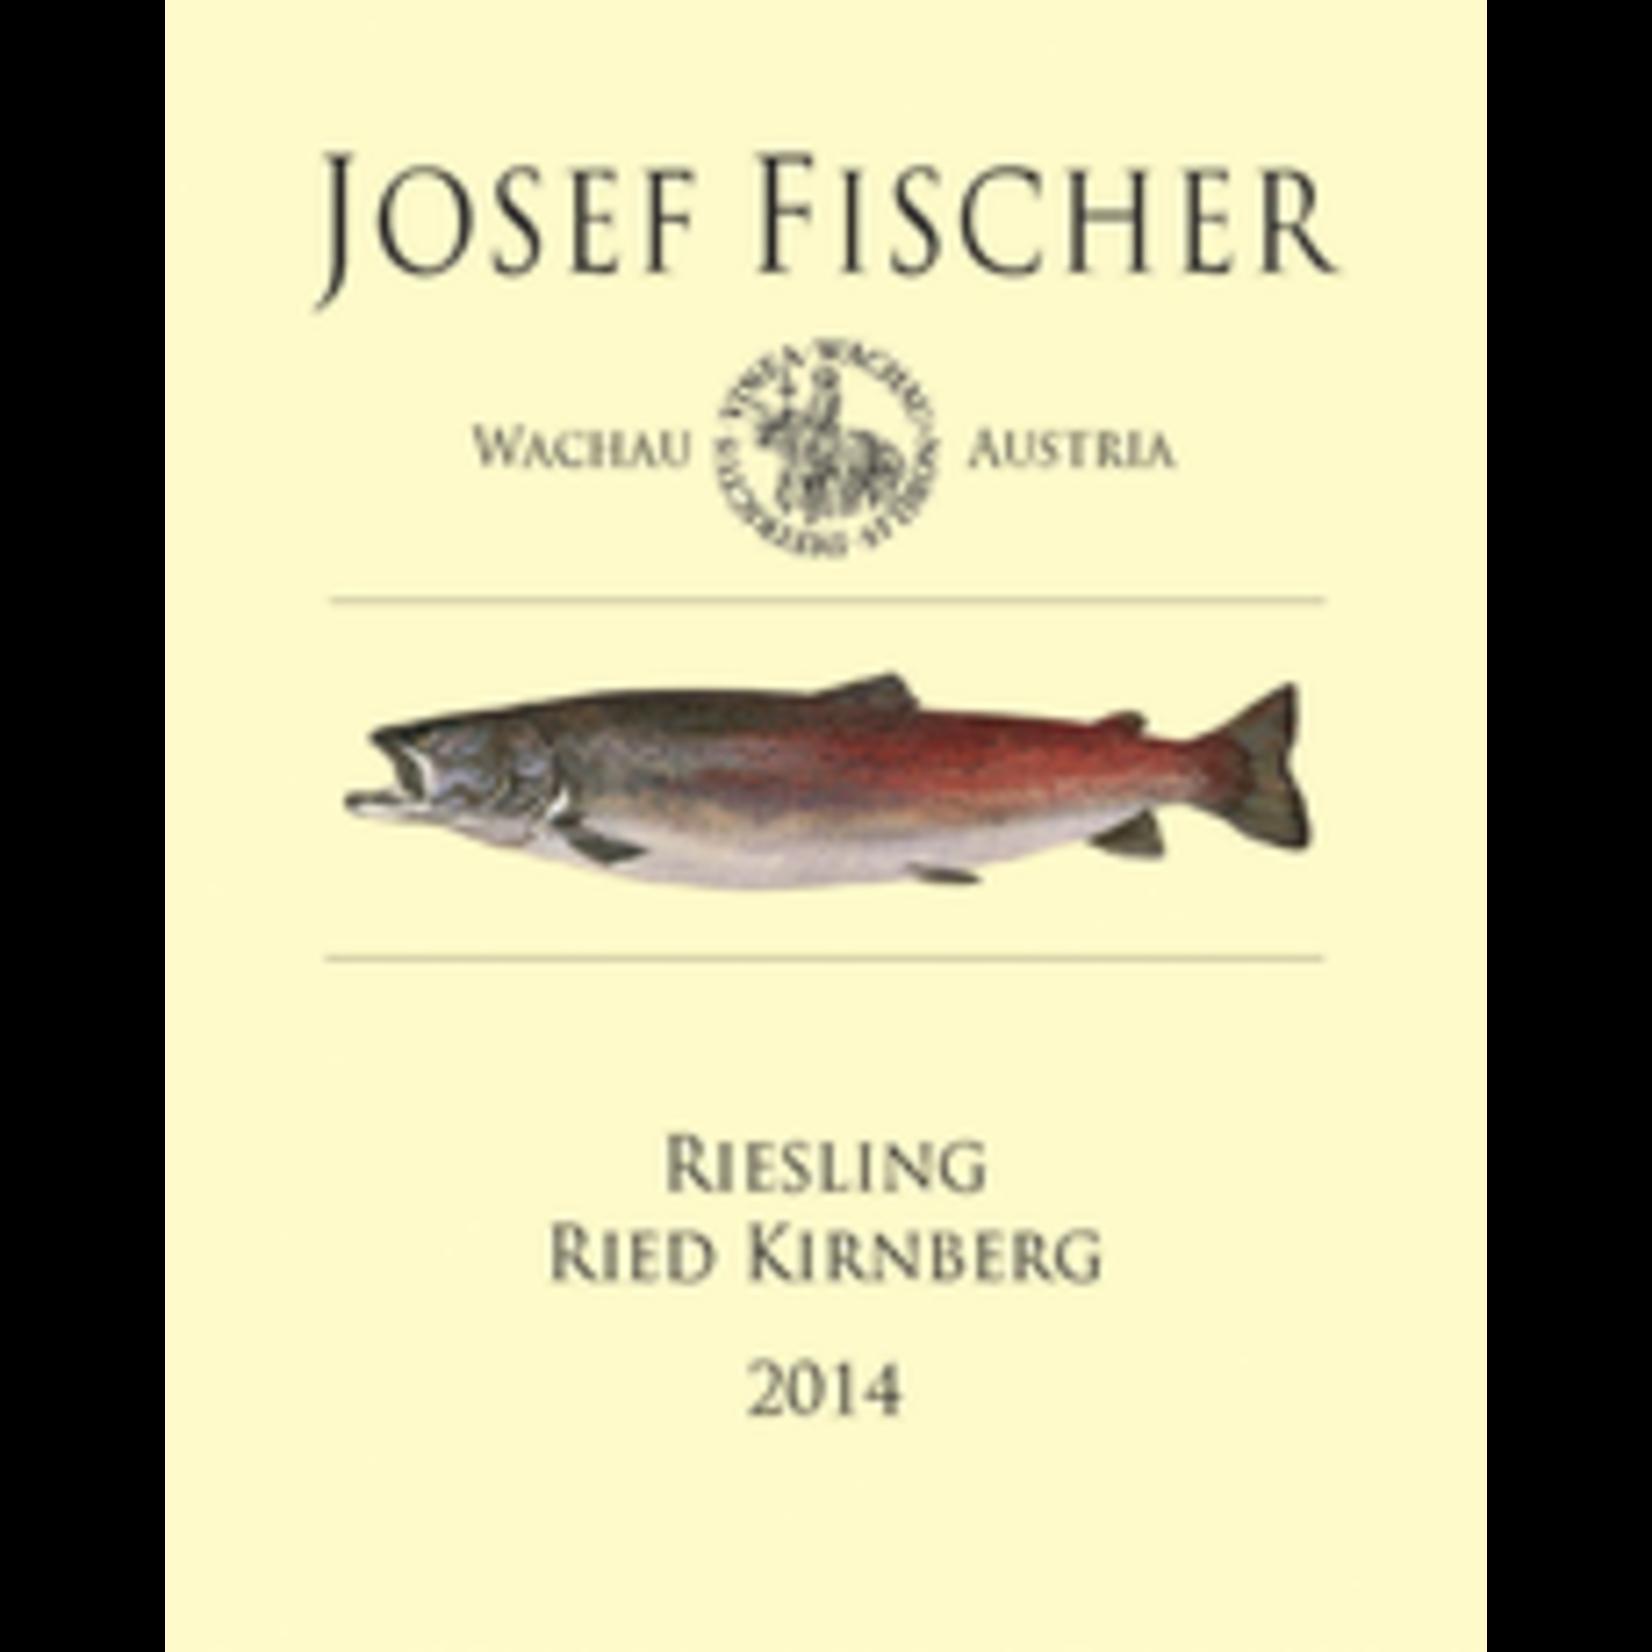 Wine Josef Fischer Wachau Riesling Kirnberg 2019